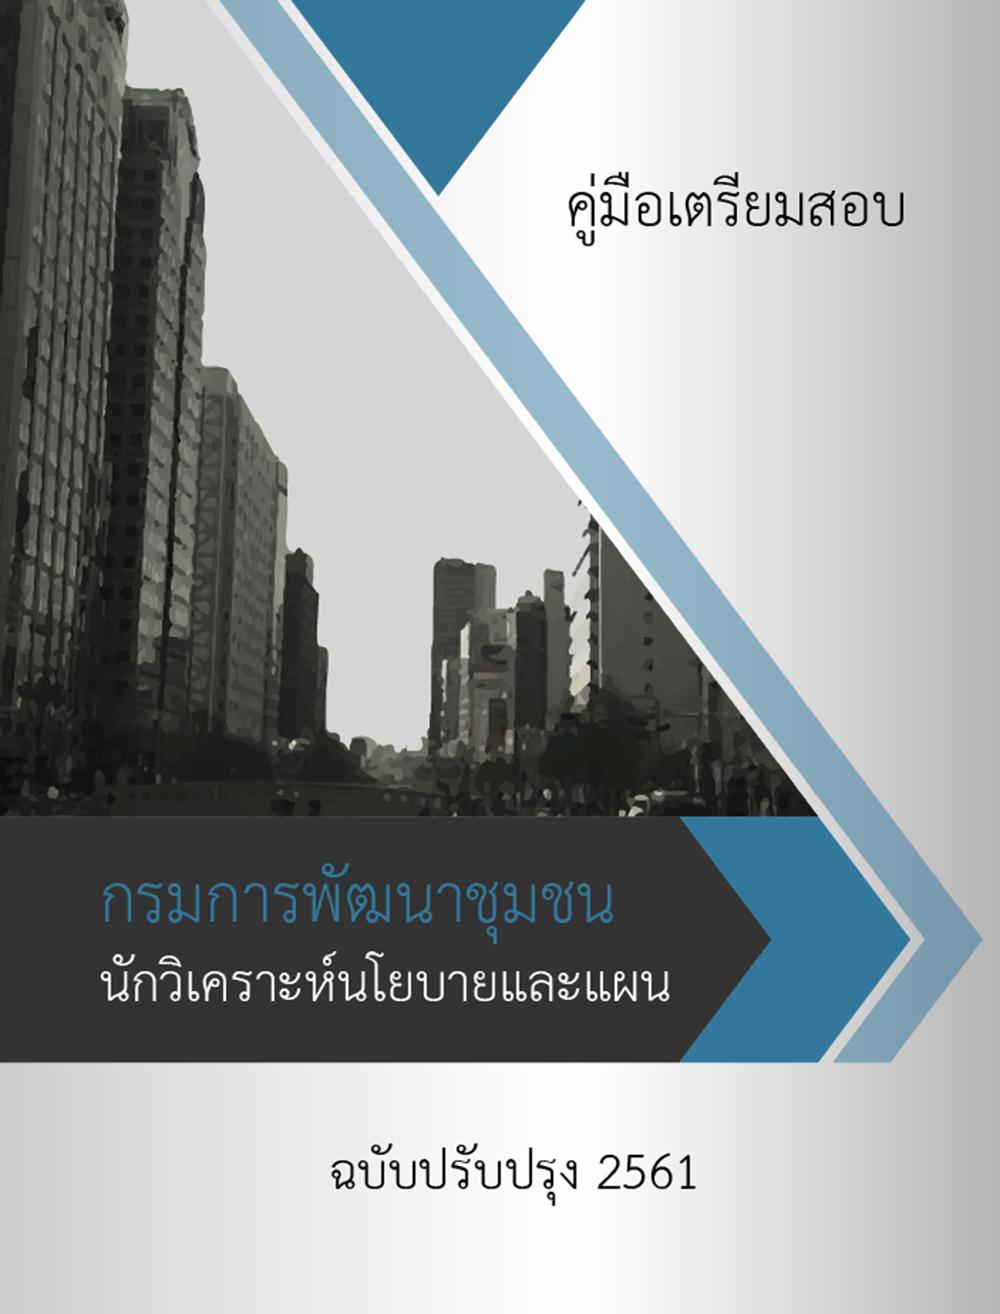 เฉลยแนวข้อสอบ นักวิเคราะห์นโยบายและแผน กรมการพัฒนาชุมชน